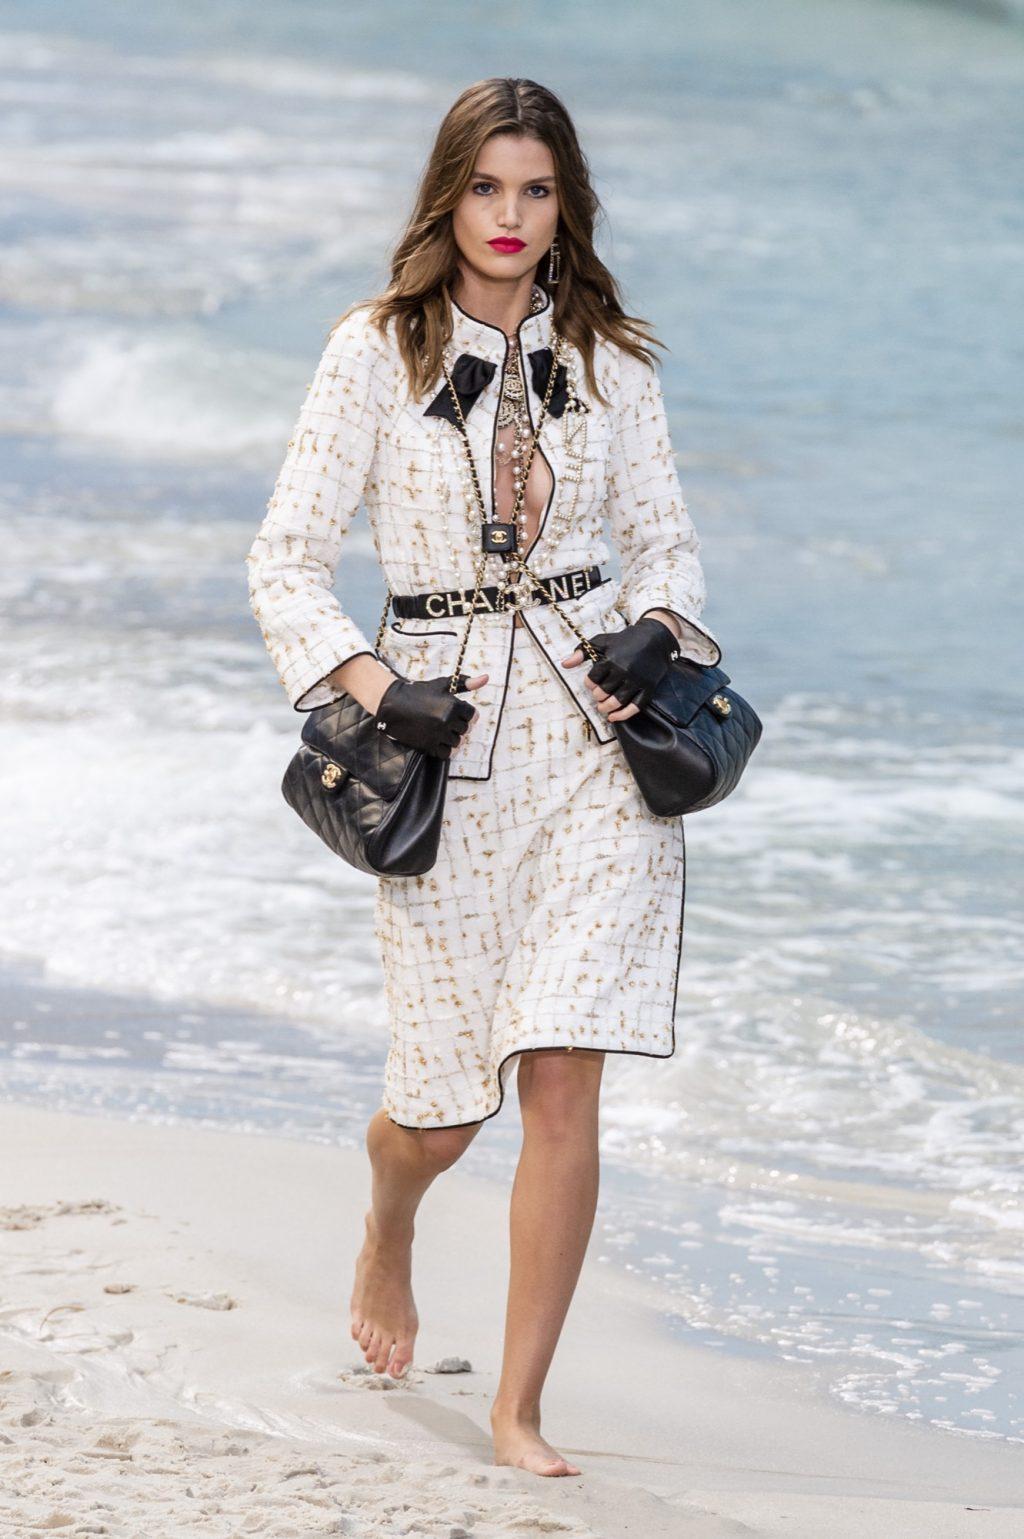 ea18d08086fad أزياء شانيل موسم ربيع صيف 2019 ضمن أسبوع باريس للموضة - Savoir Flair